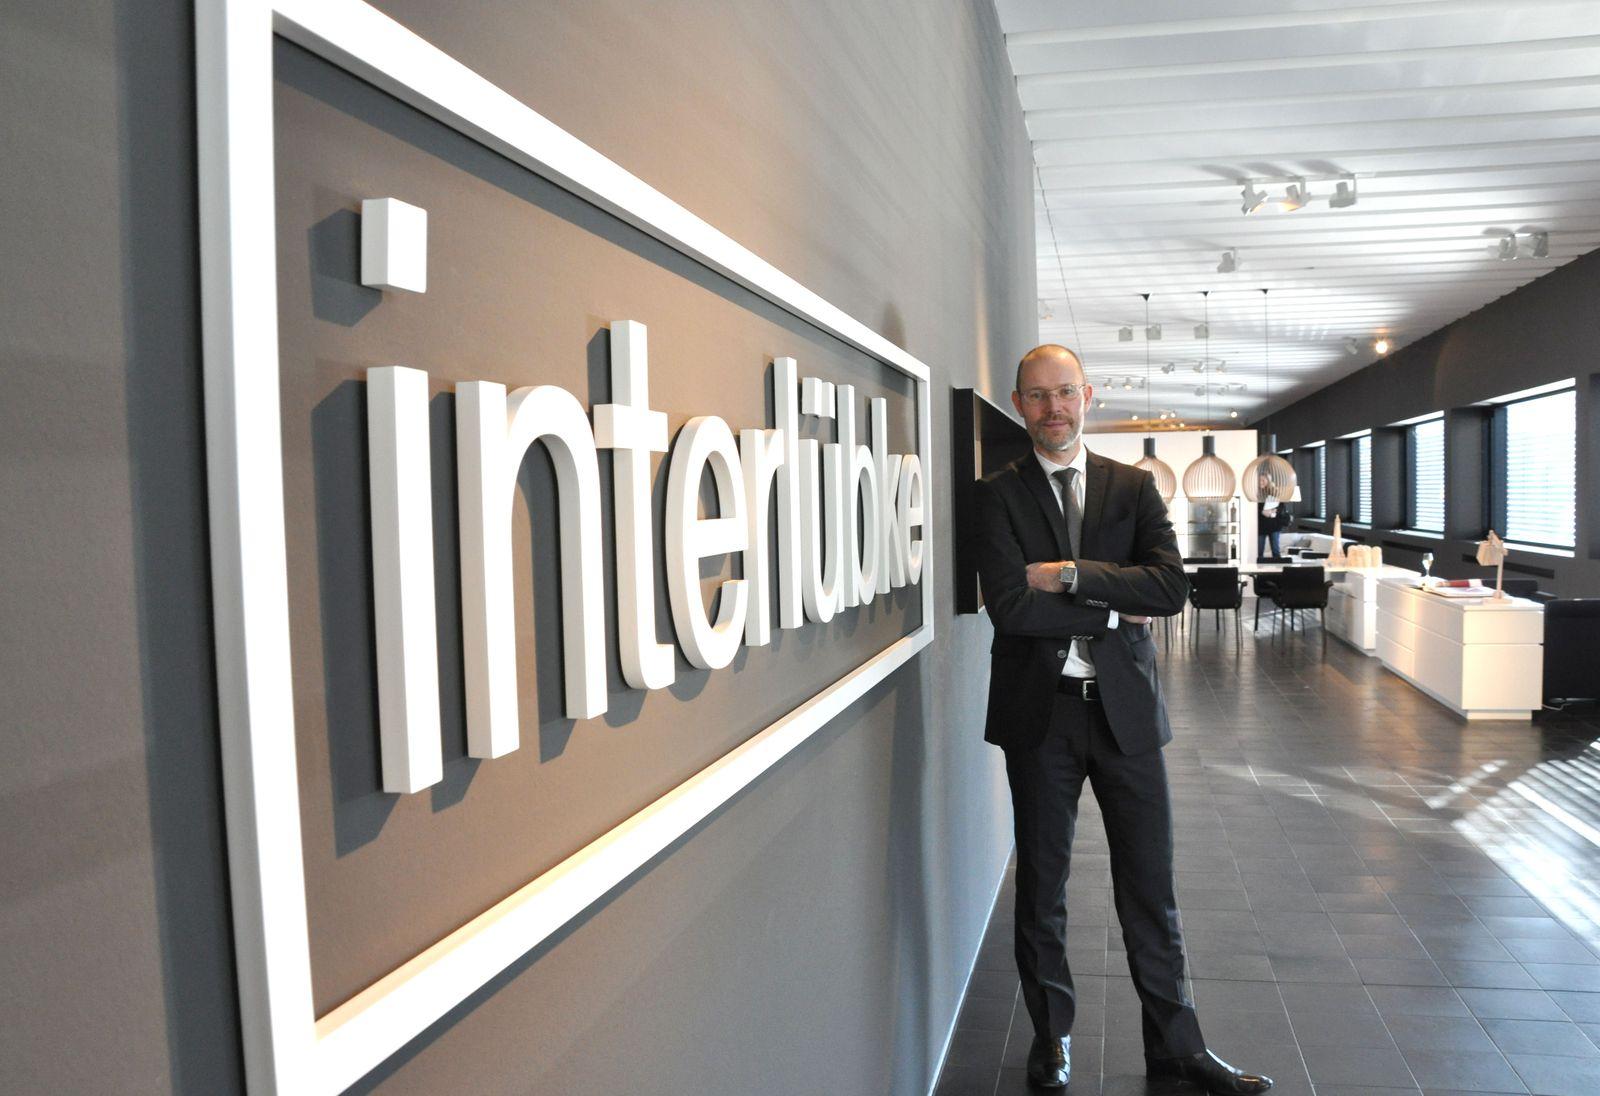 Premiummöbel-Hersteller interlübke meldet Insolvenz an